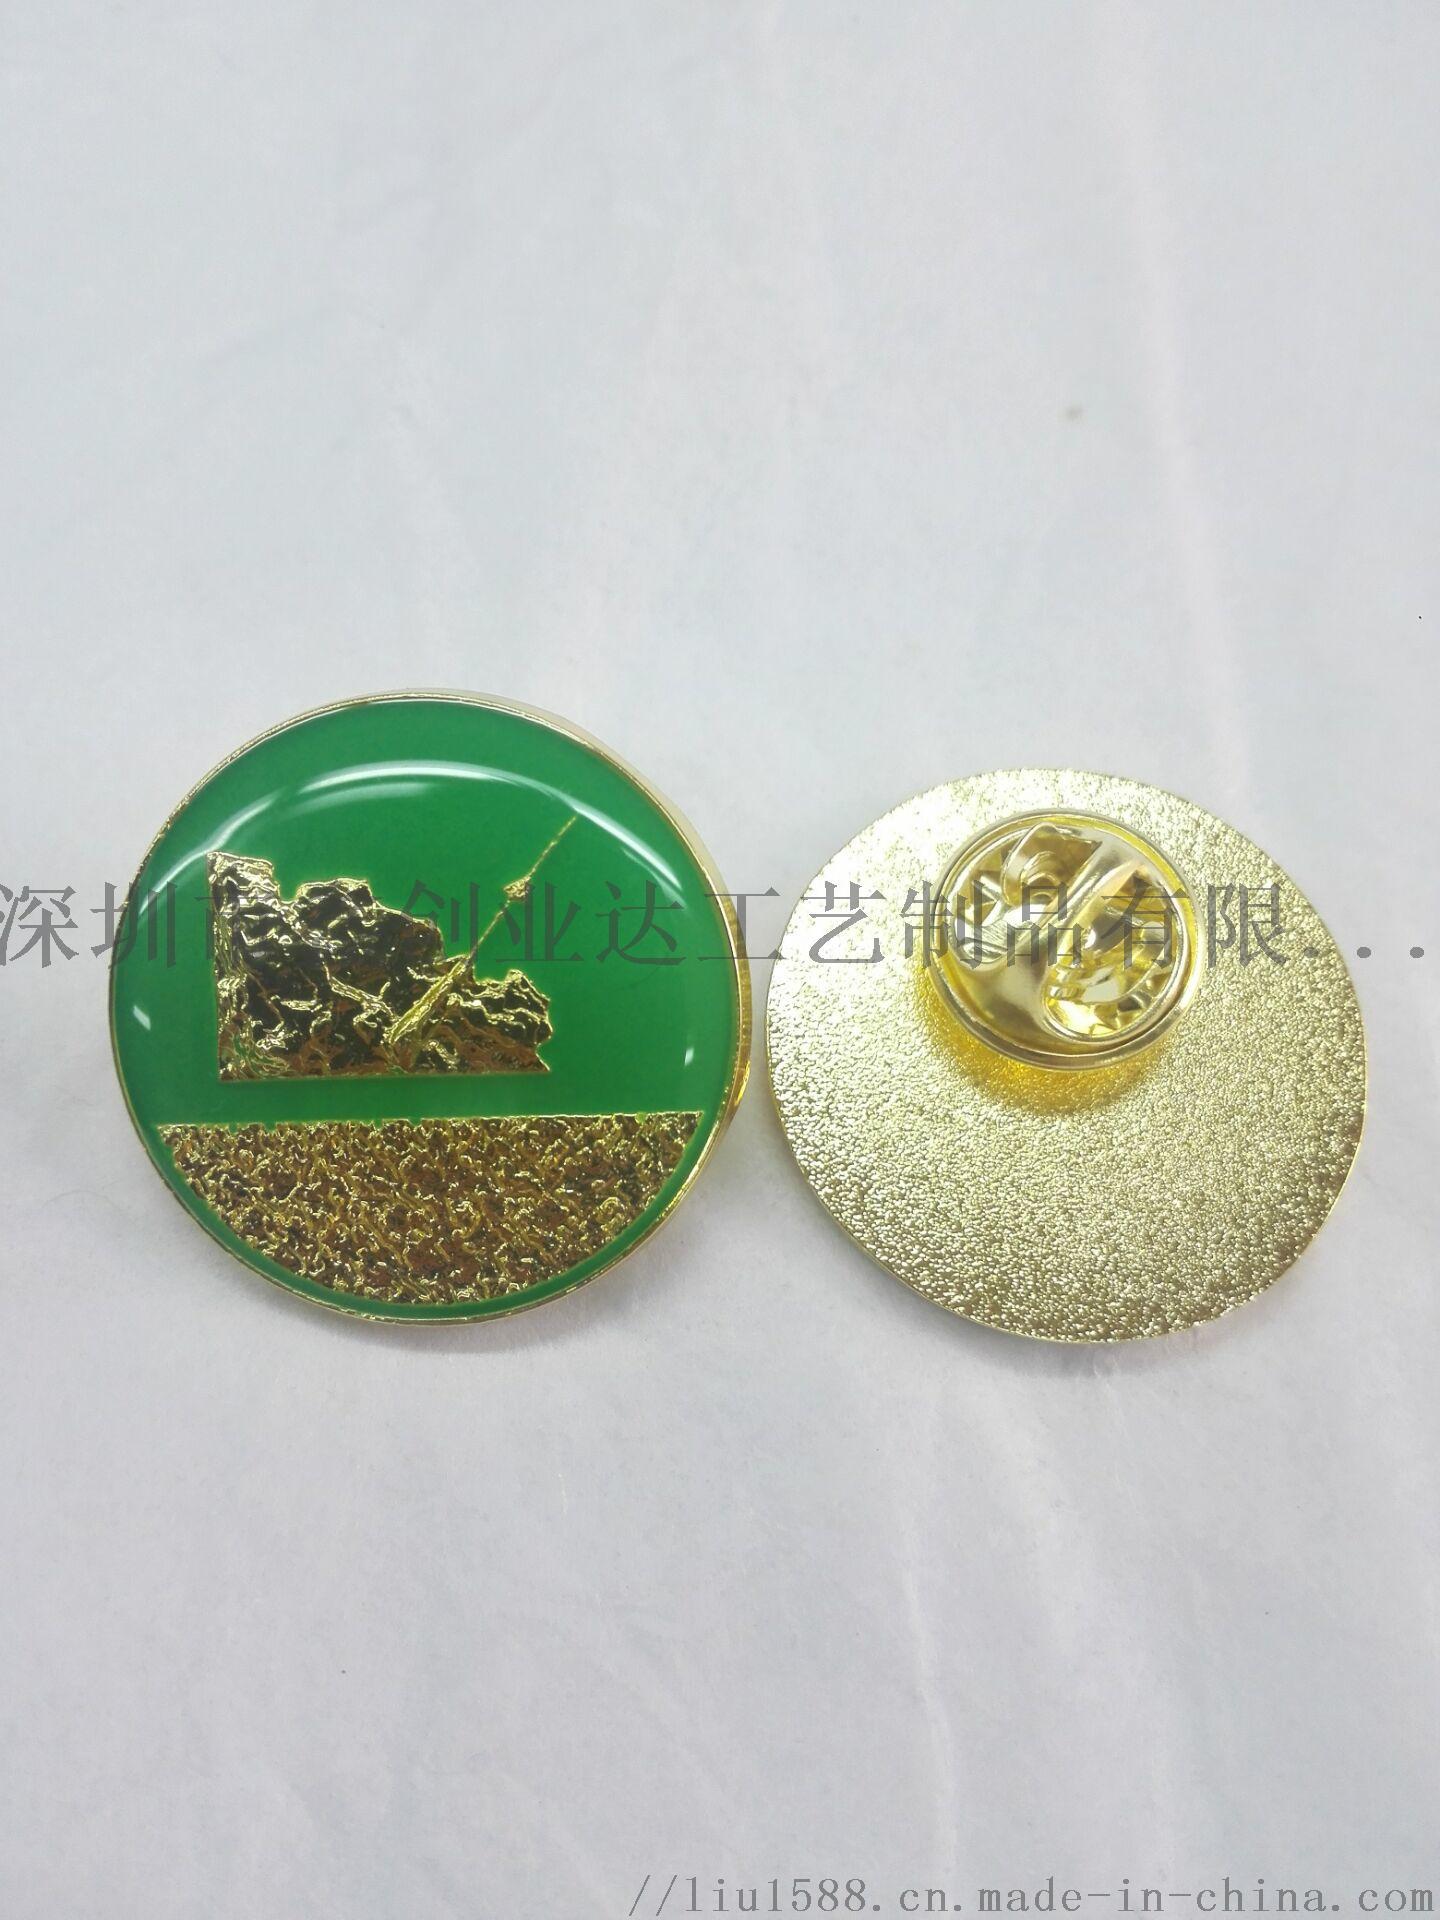 石家庄定制金属标牌纪念章徽章胸章logo订做设计131372005